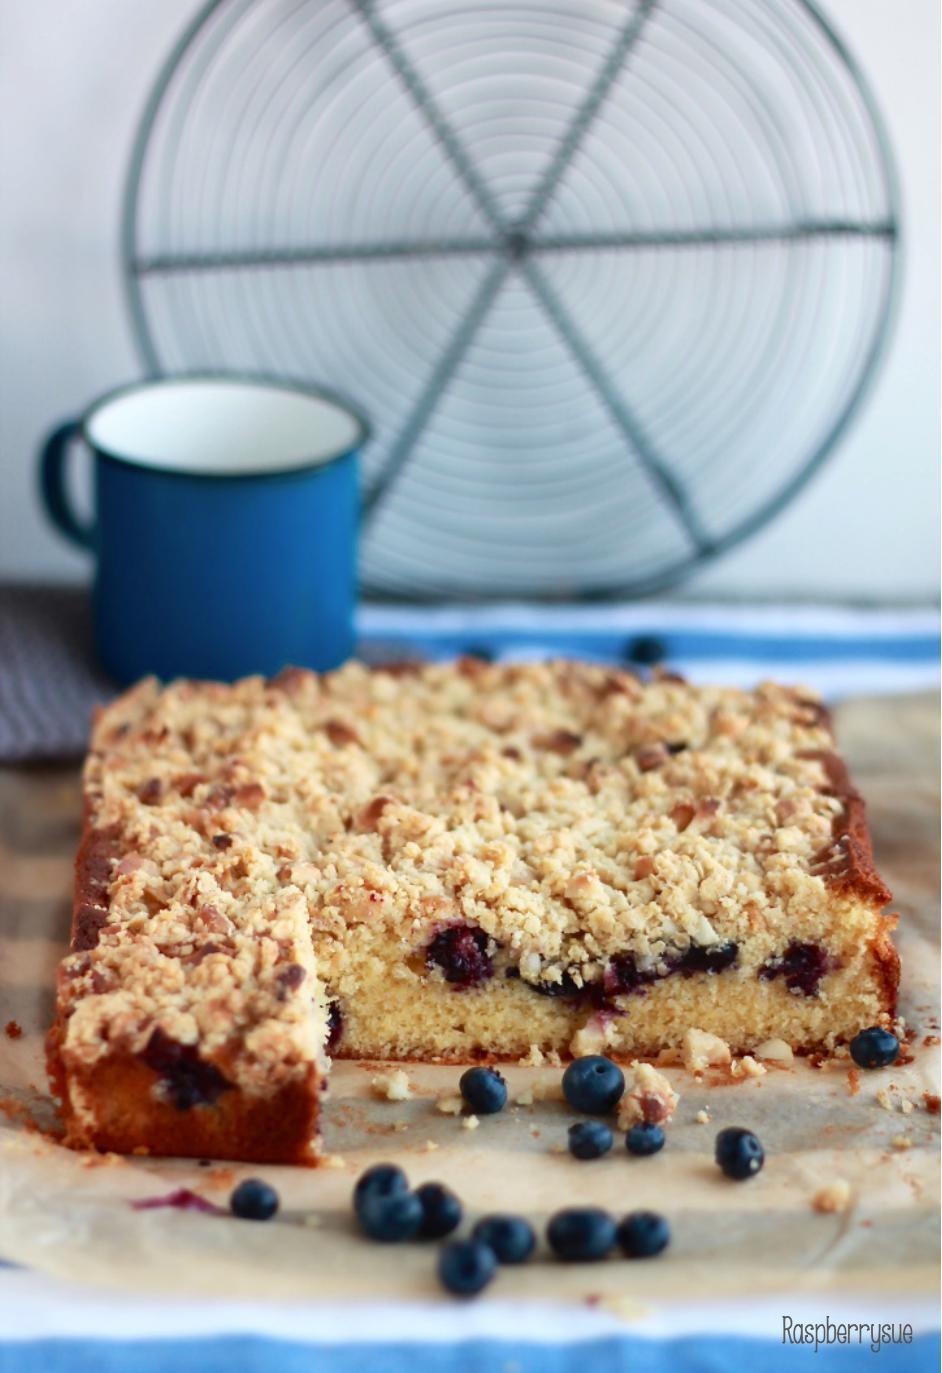 Kuchen – Seite 2 – Raspberrysue